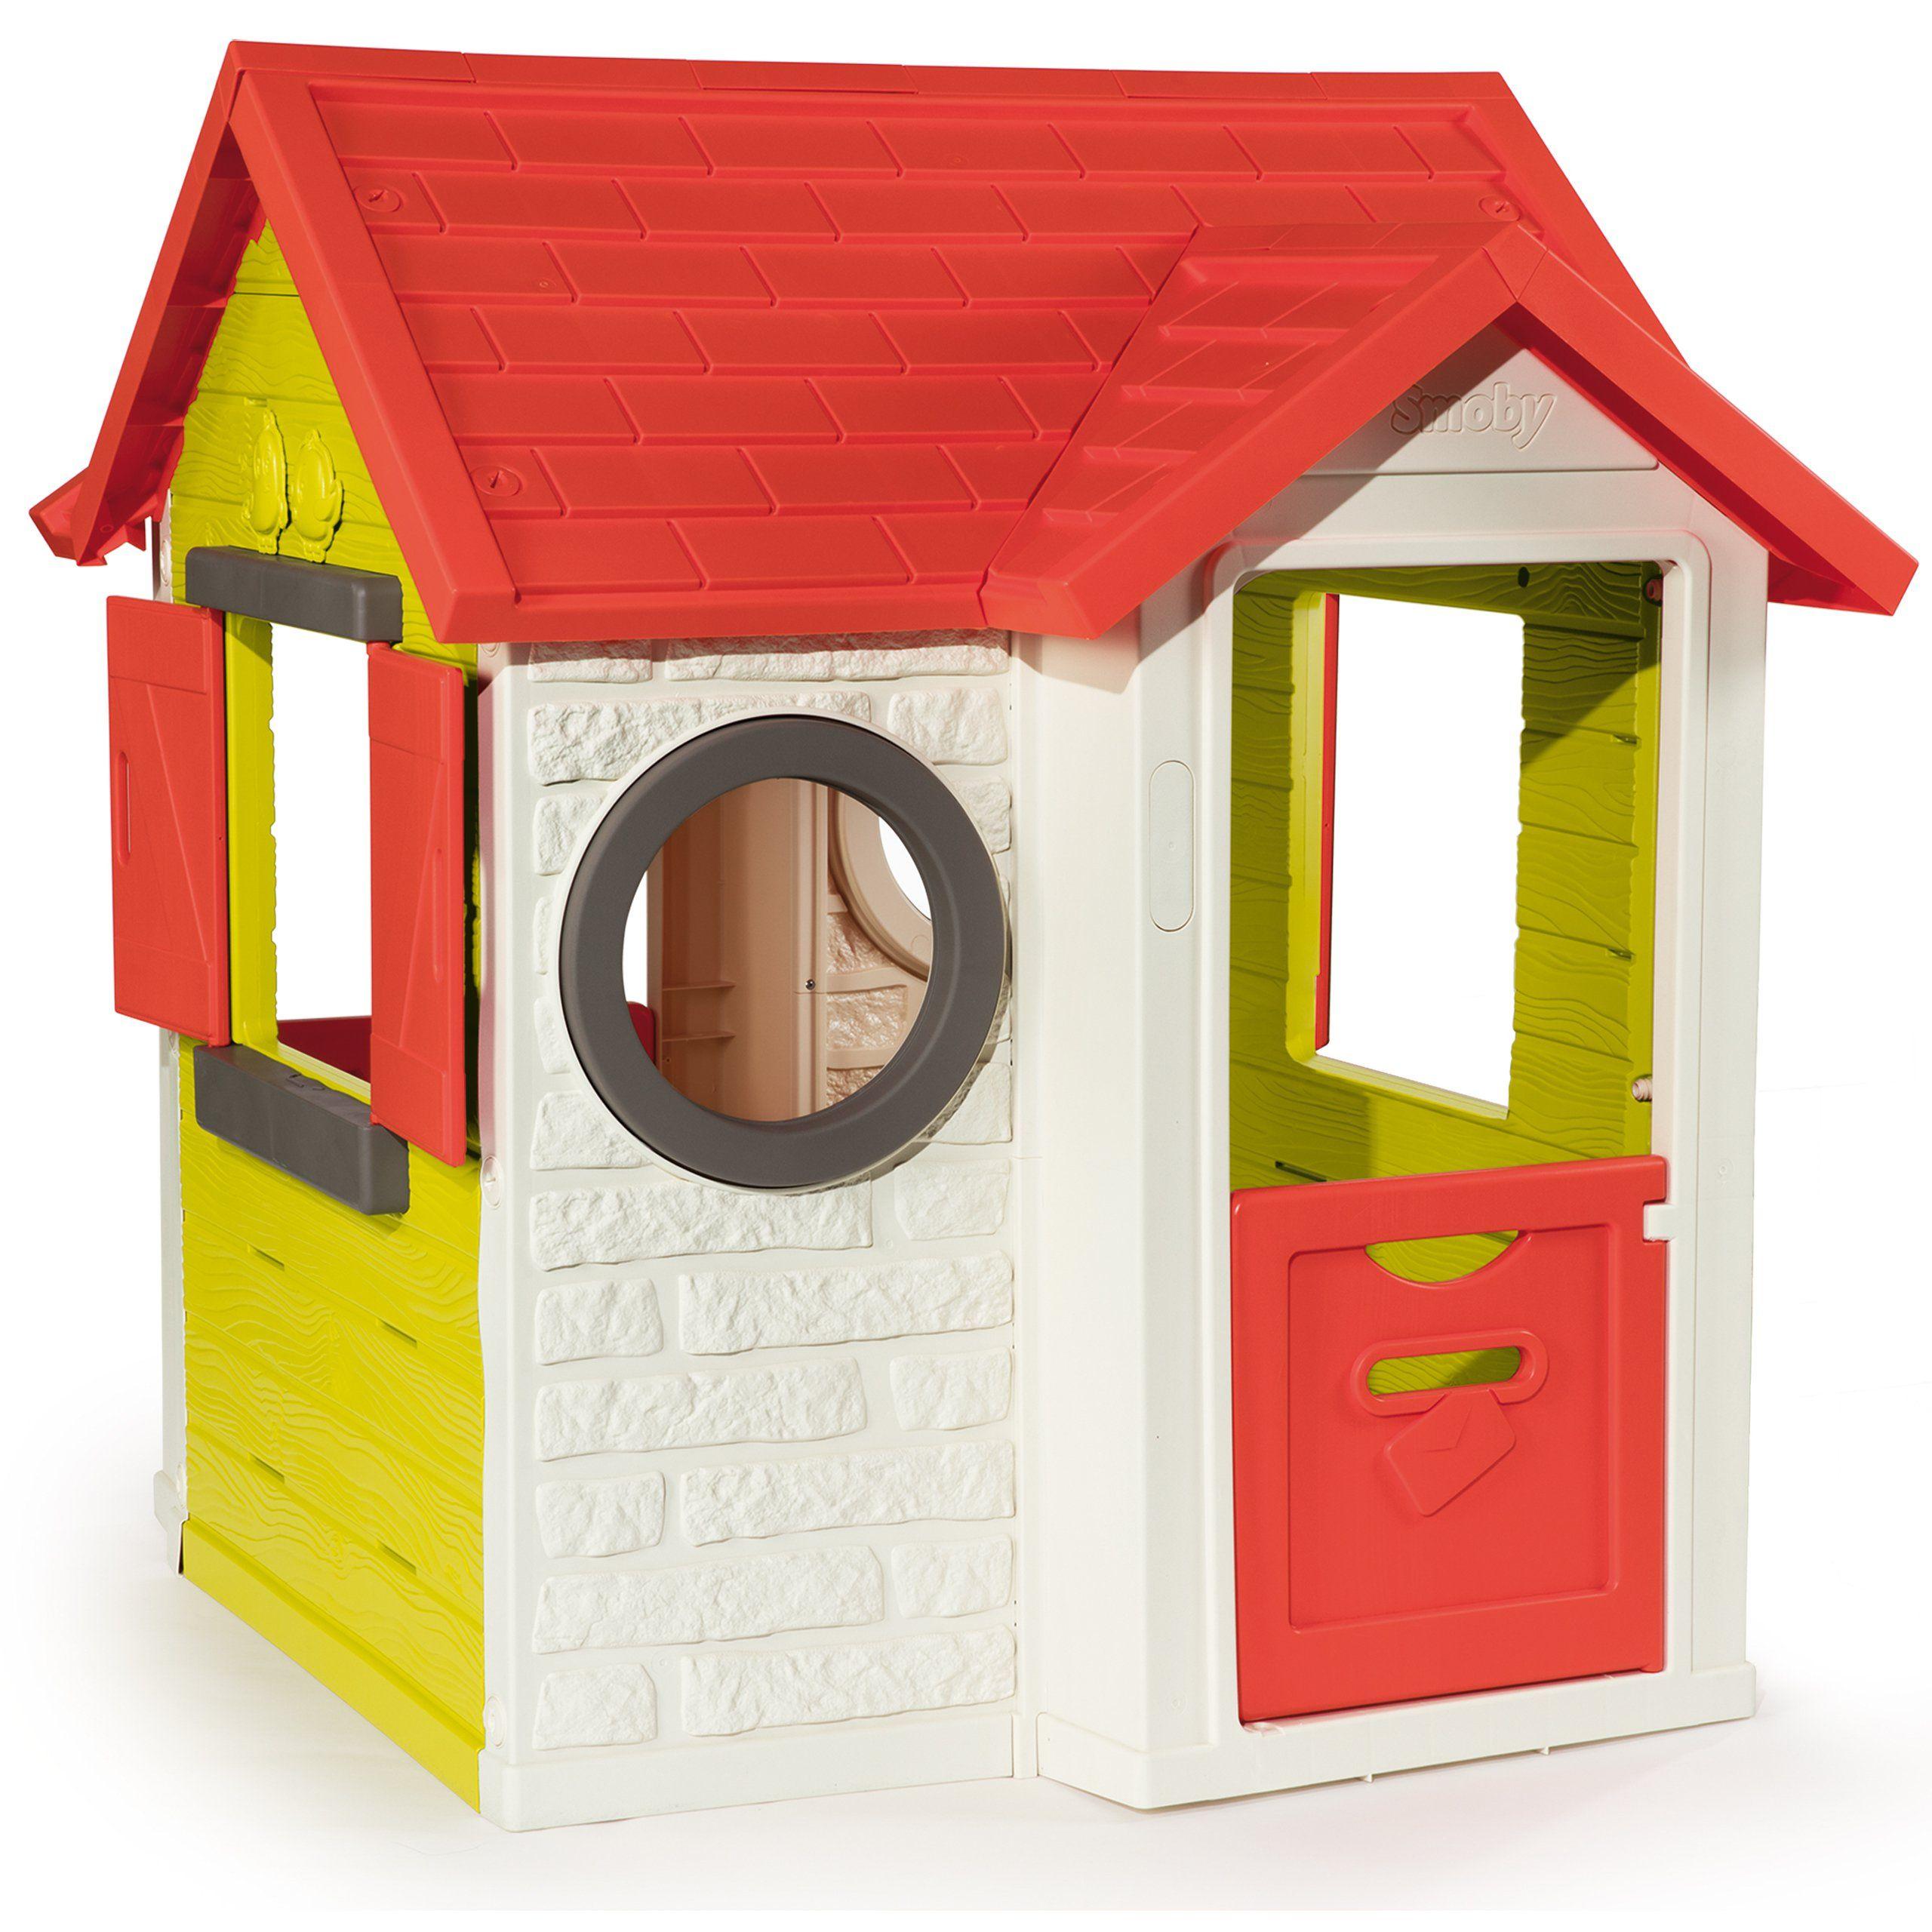 Smoby Domek Ogrodowy My House Dzwonek Z Dzwiekiem Https Brykacze Pl Smoby Domek Ogrodowy My House Dzwonek Z Dzwiekiem 4999 H House Play Houses Outdoor Decor